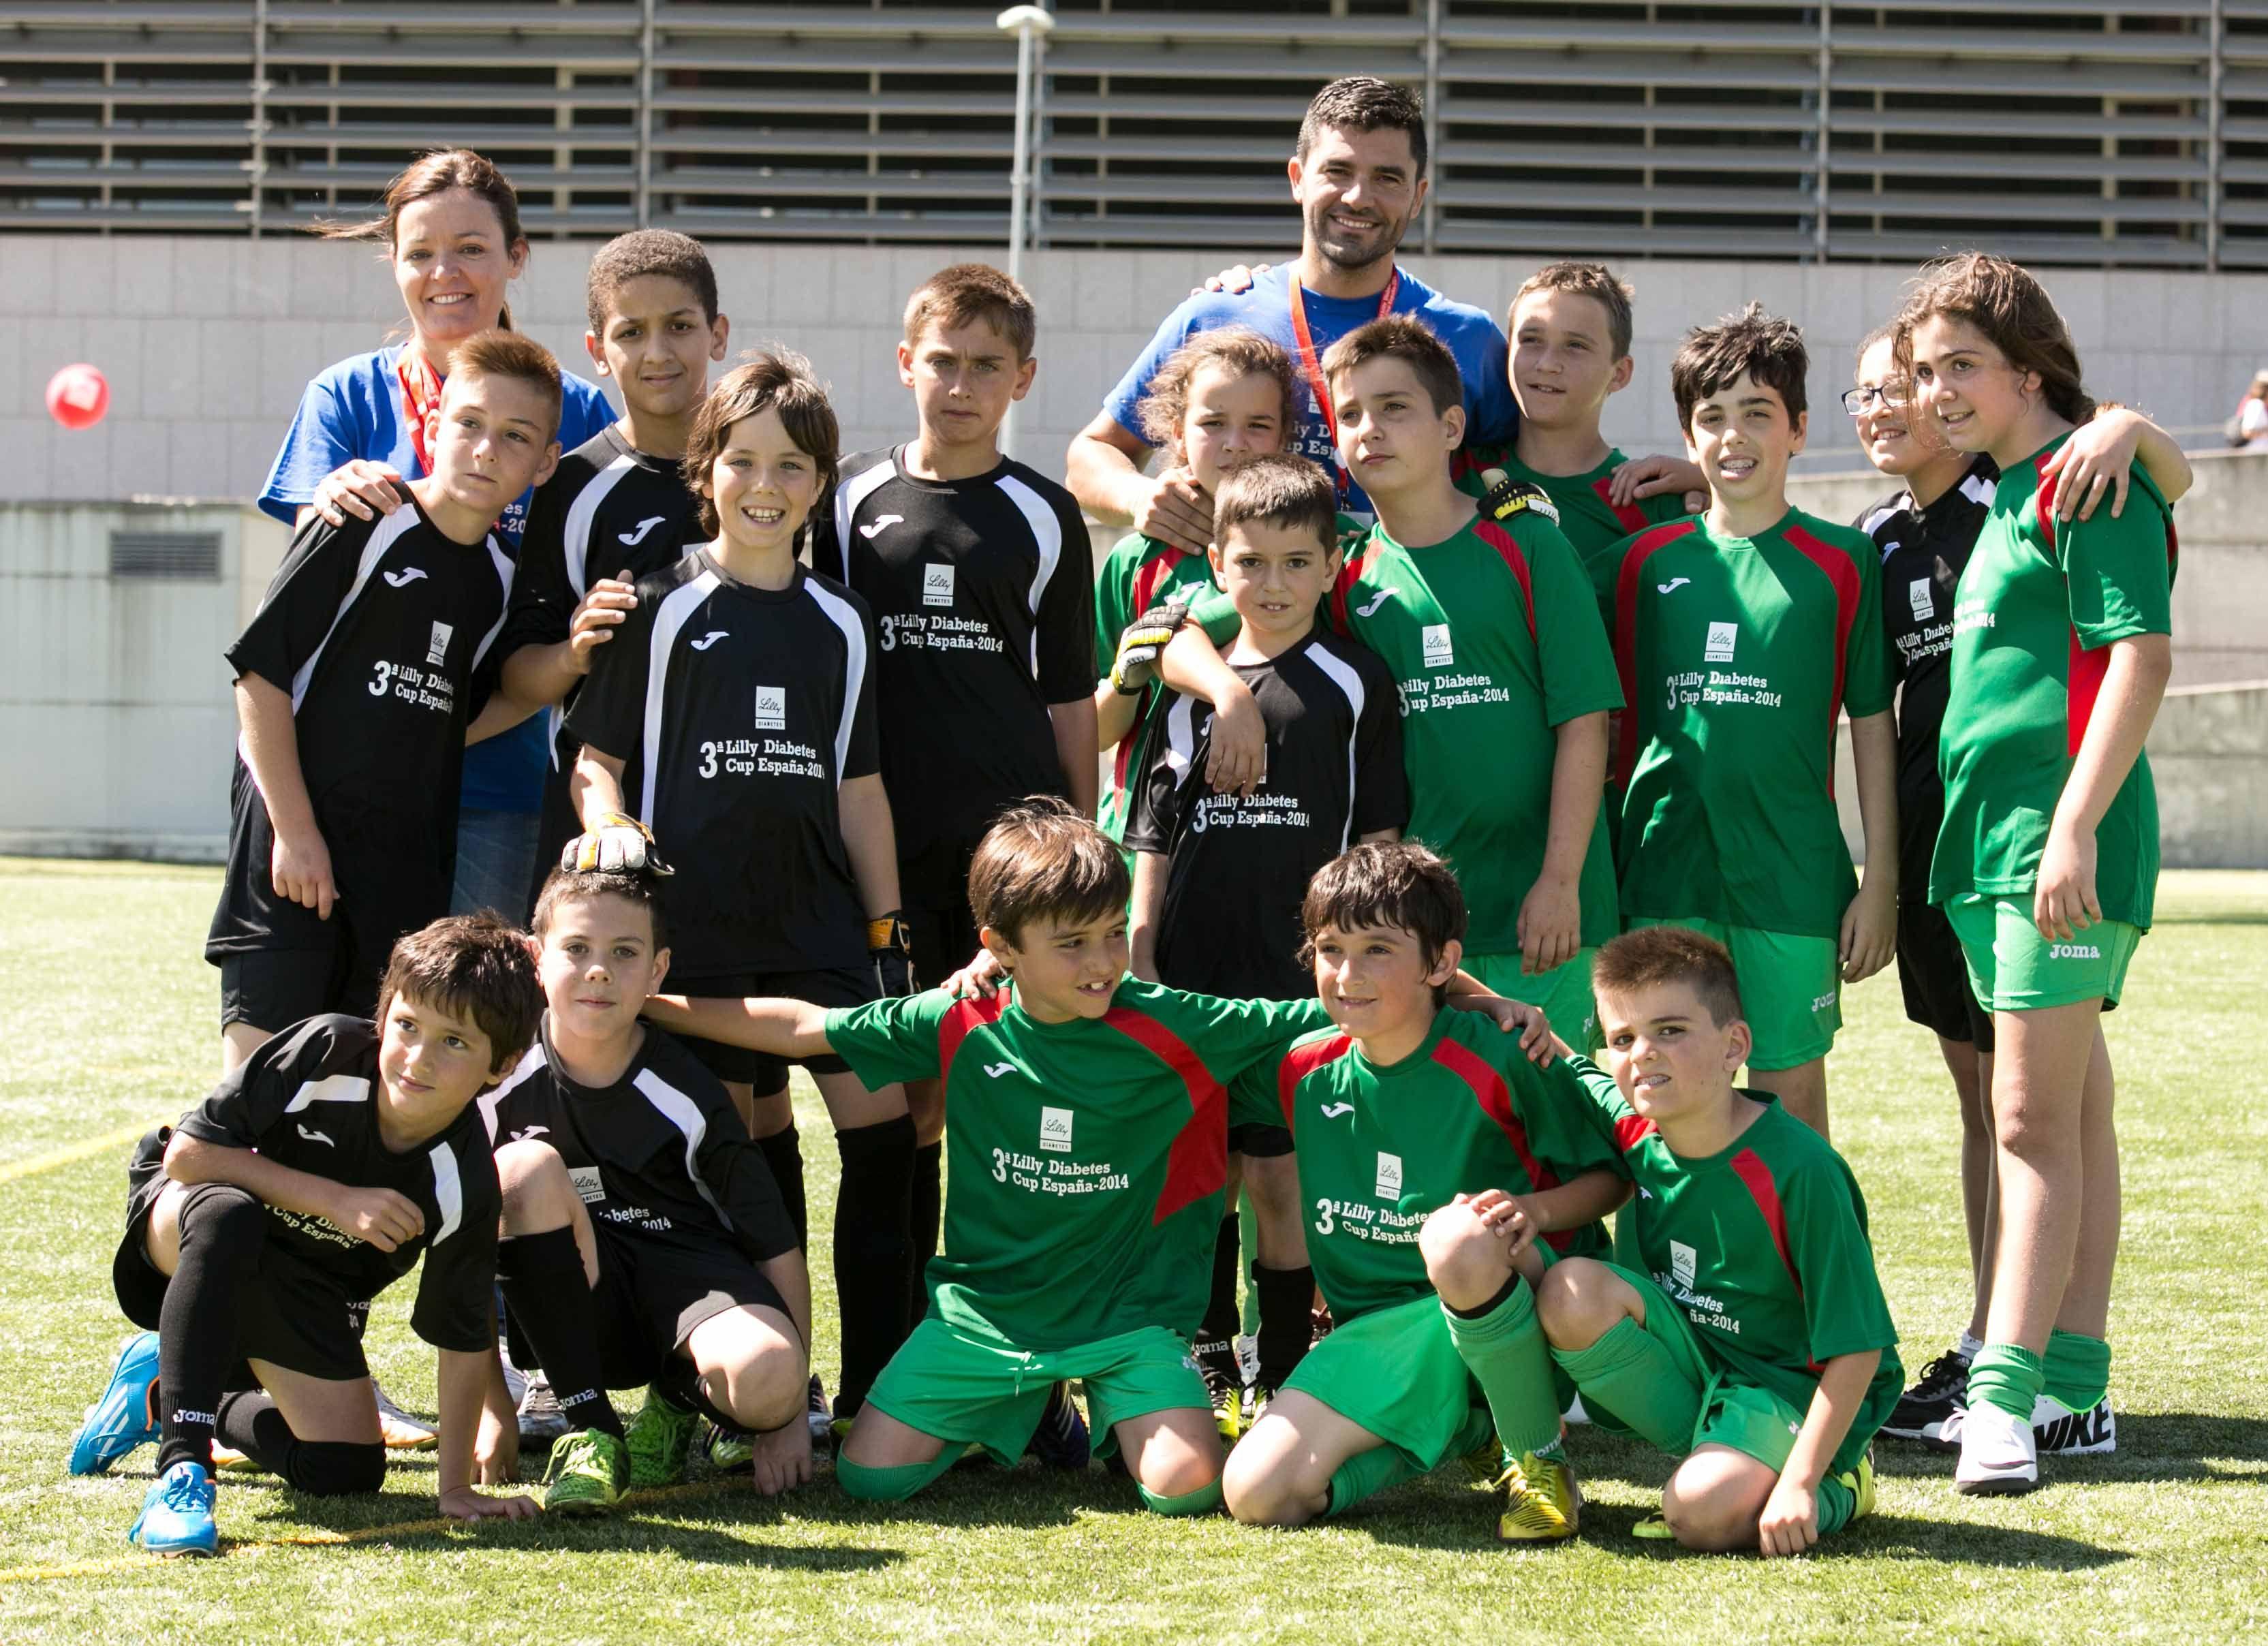 Equipos finalistas_LillyDiabetesCup2014